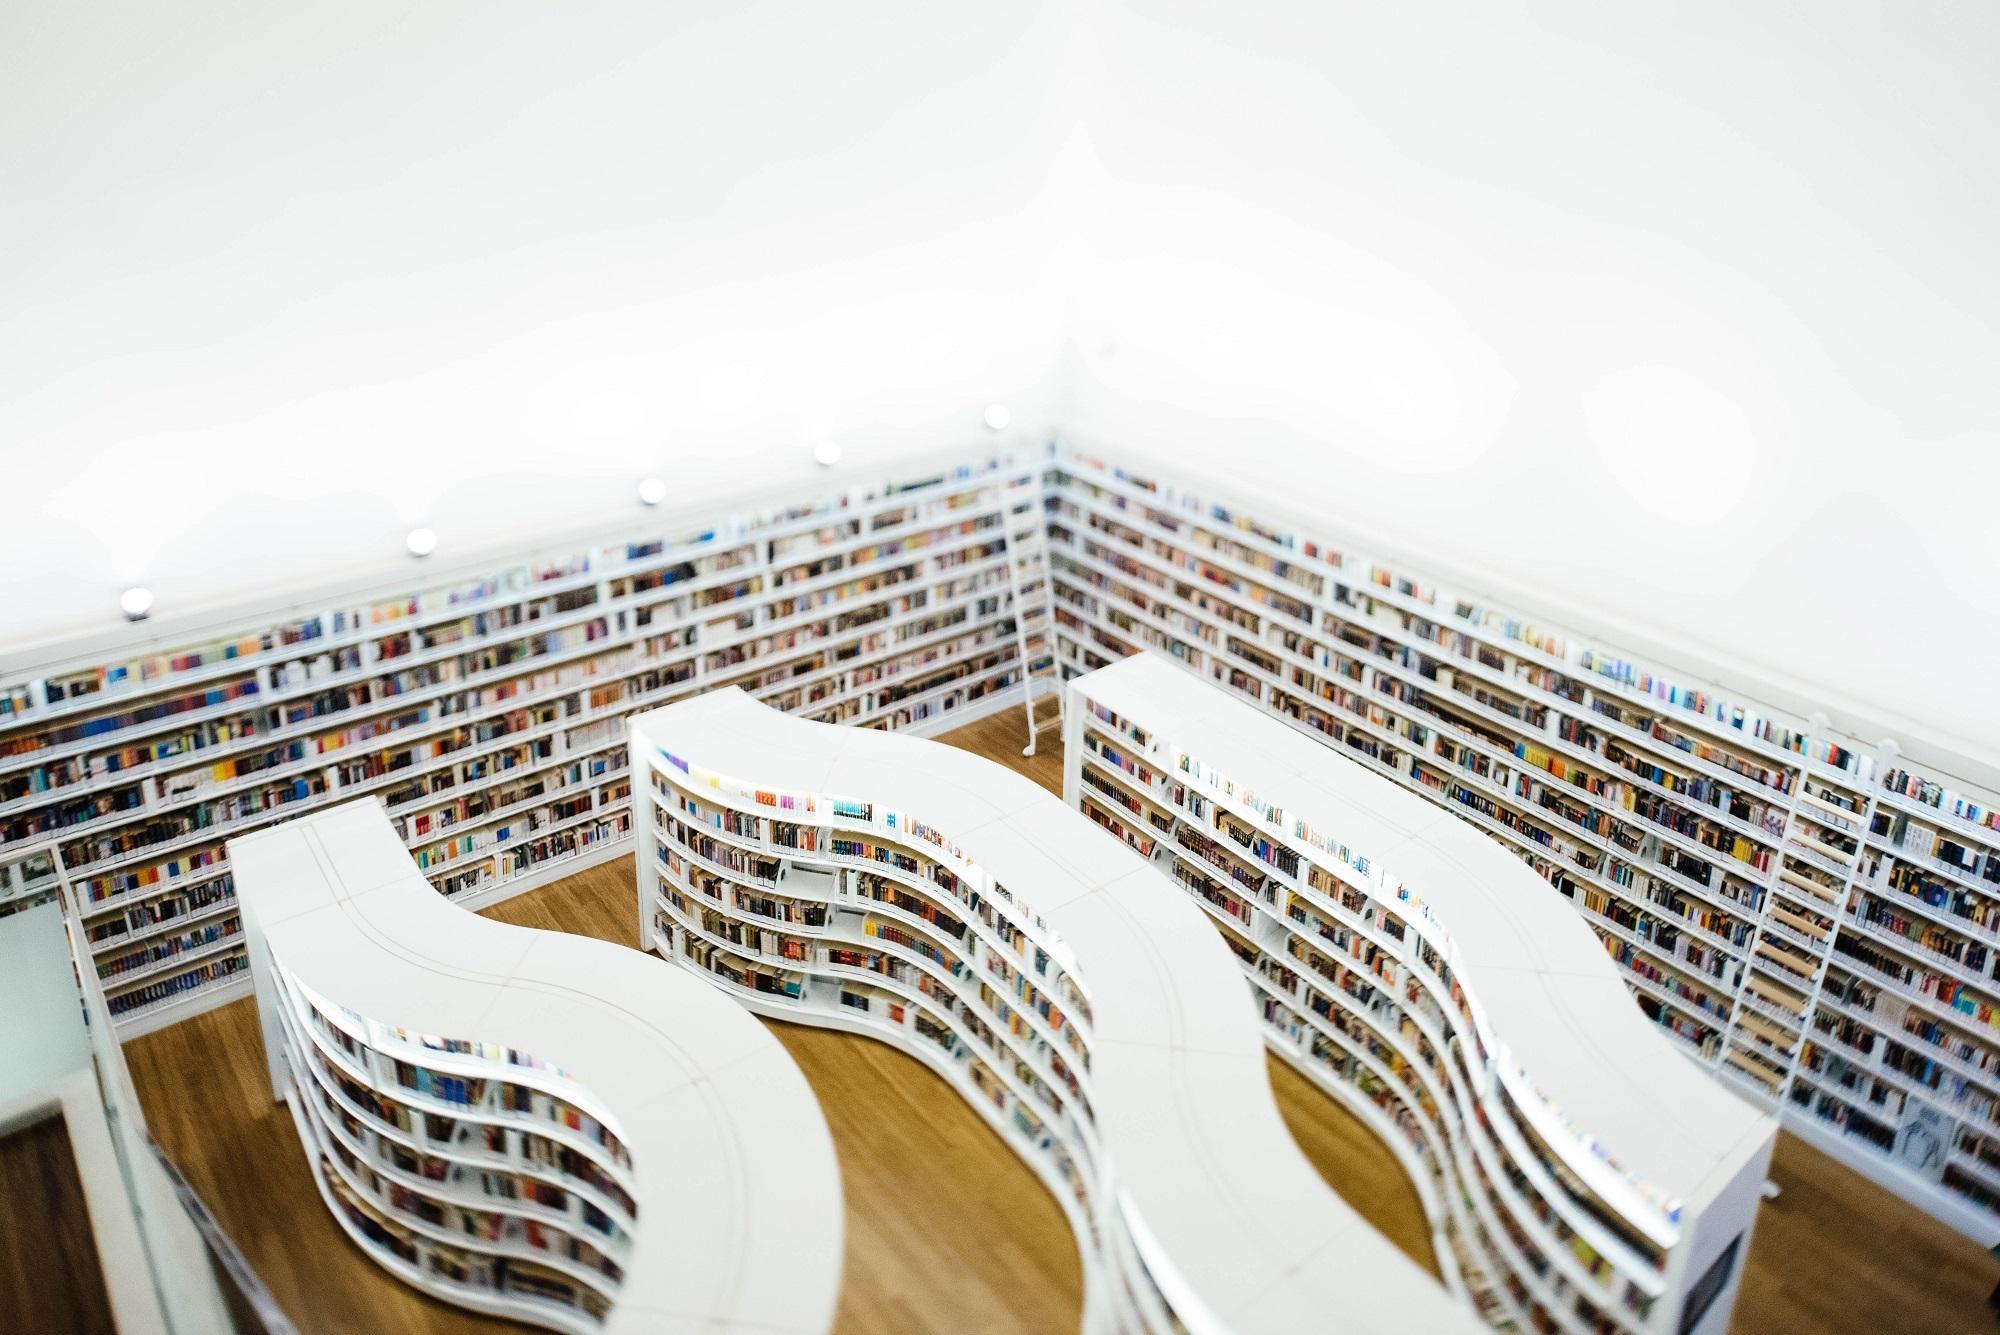 Bibliotecas, piezas claves como laboratorios ciudadanos